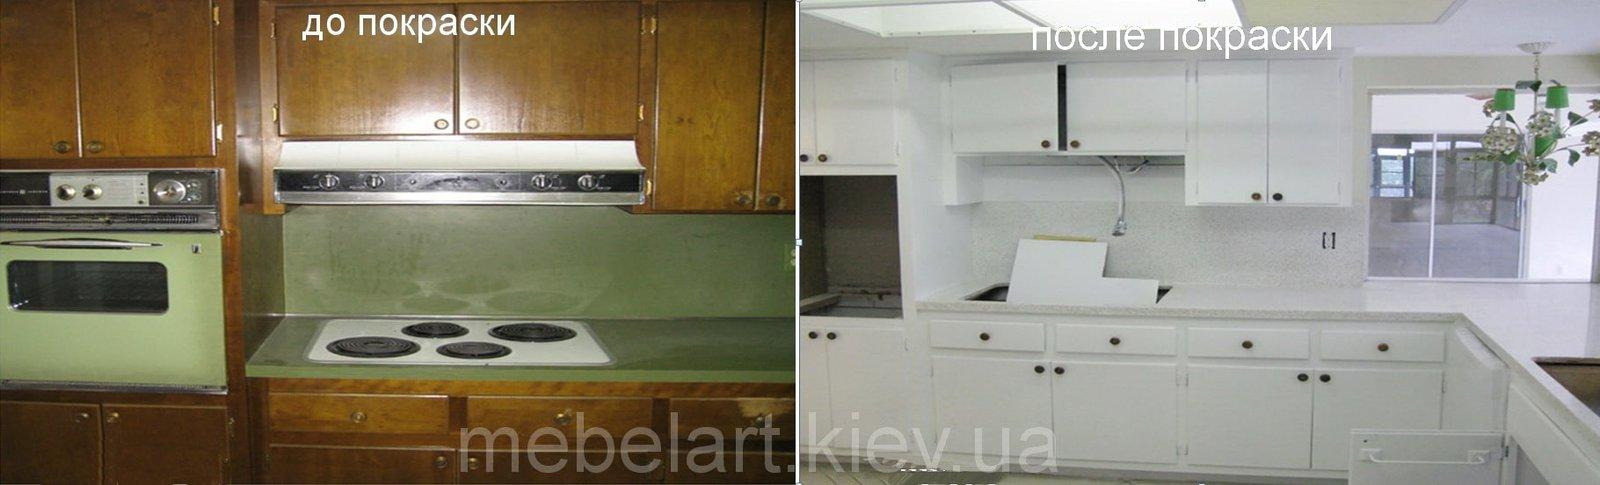 Чем красить старую мебель на кухне